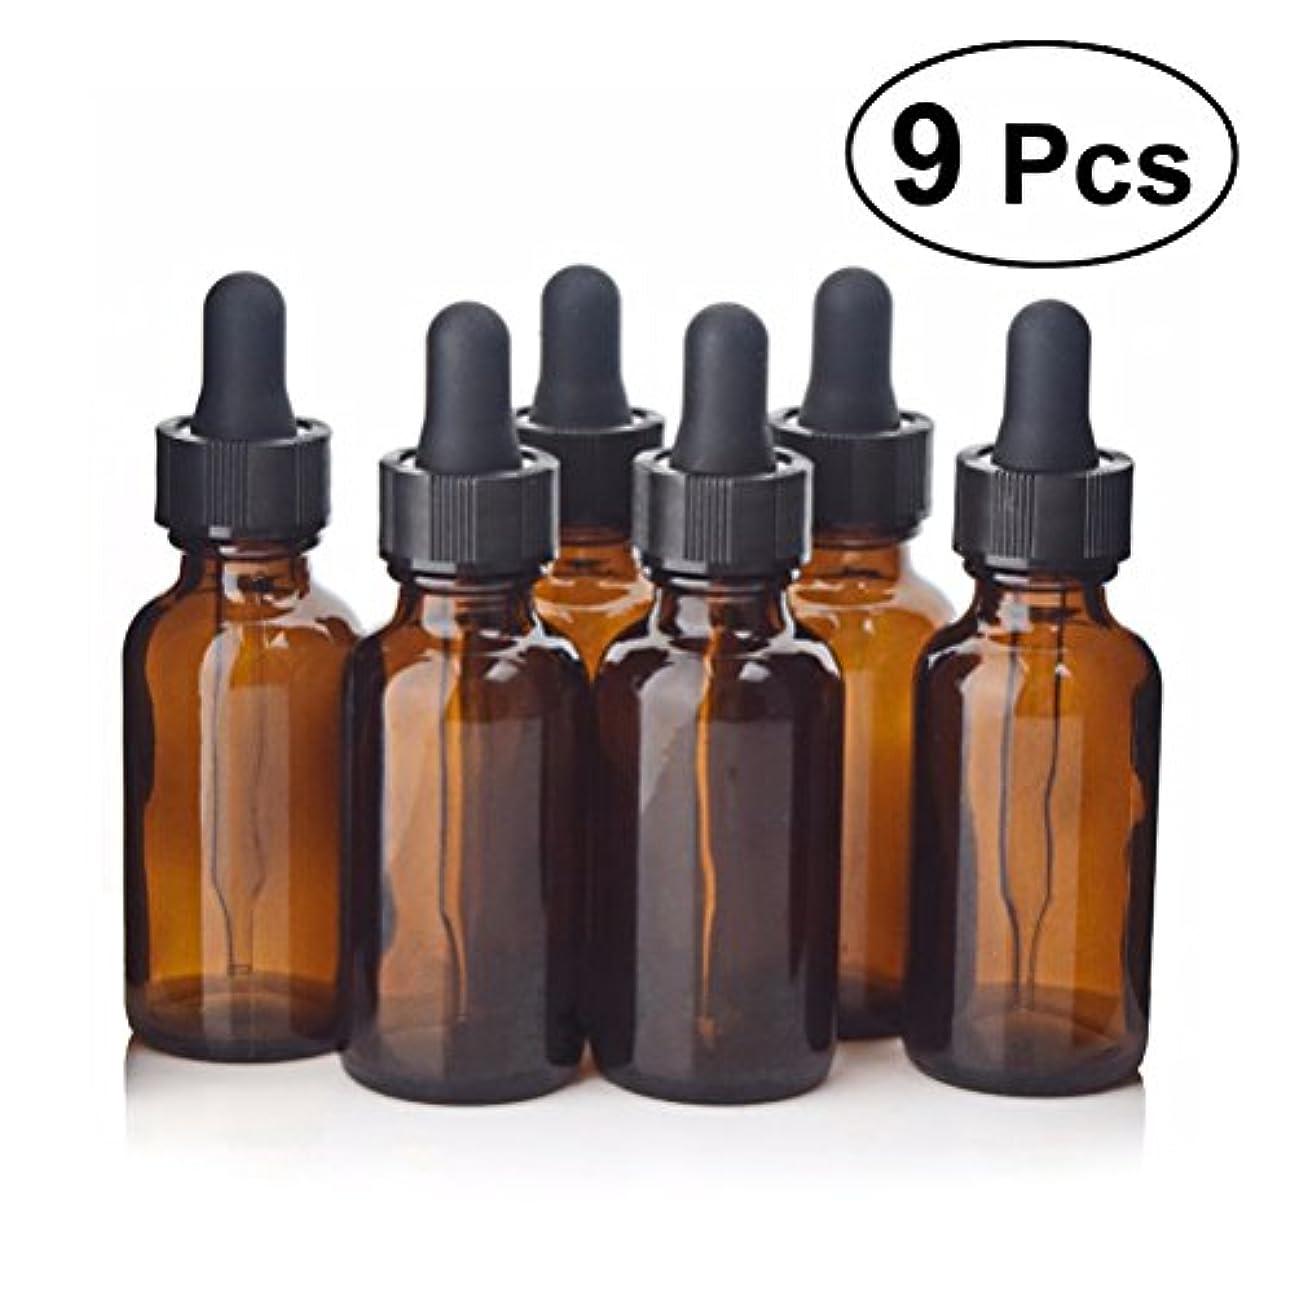 コミュニケーションやろうスカウトFrcolor スポイト遮光瓶 エッセンシャルオイル 香水 保存用 9個入り  30 ml